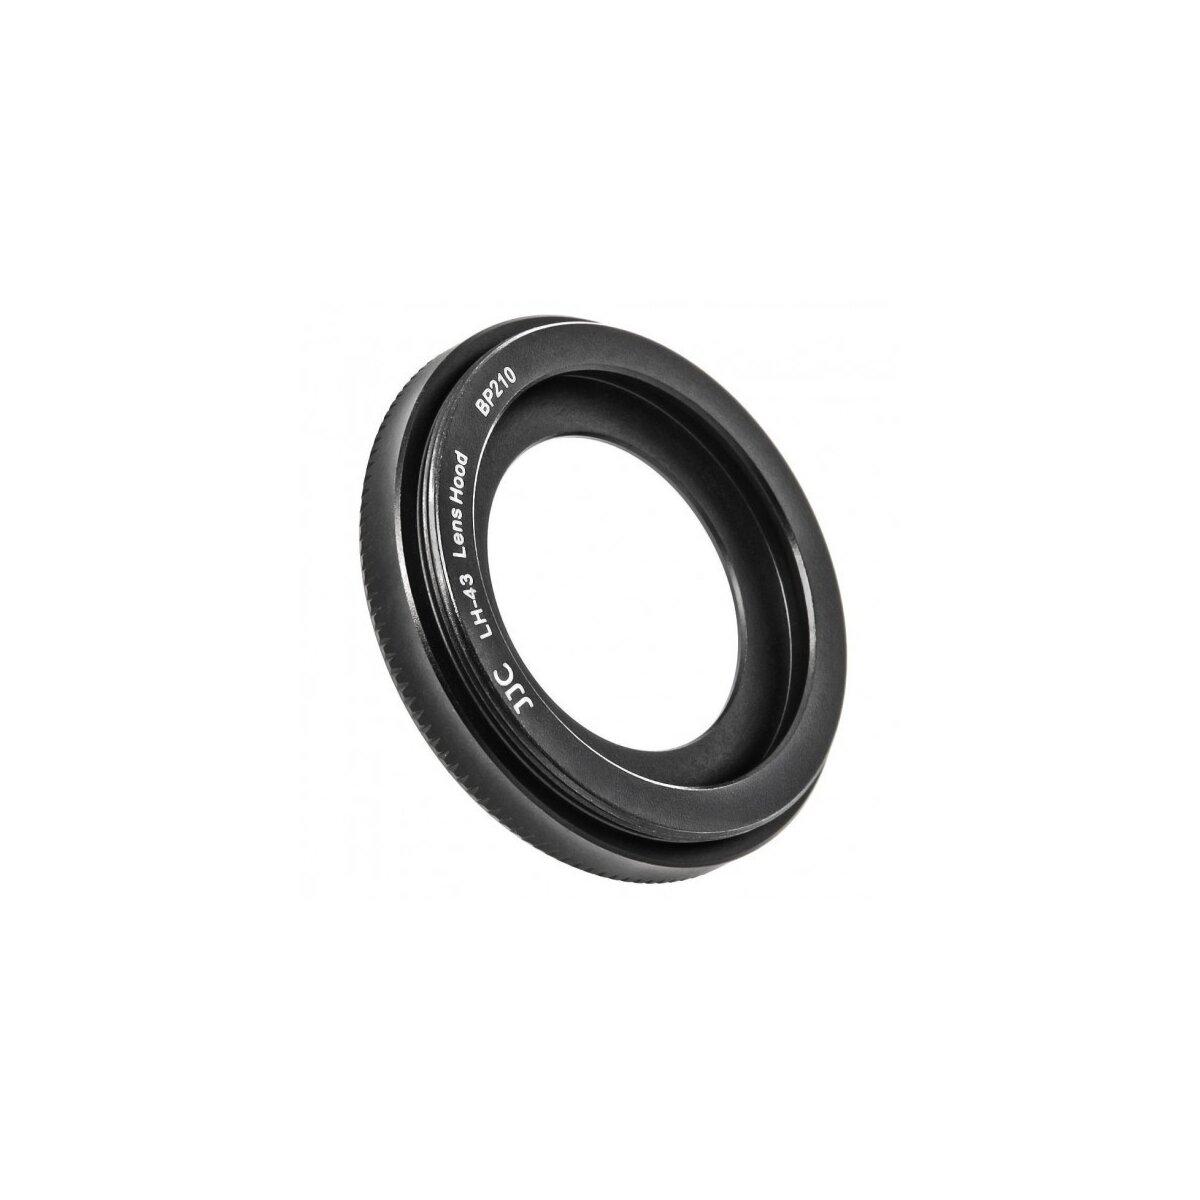 Gegenlichtblende kompatibel für Canon EF-M 22mm f/2 STM Ersatz für EW-43 - JJC LH-43